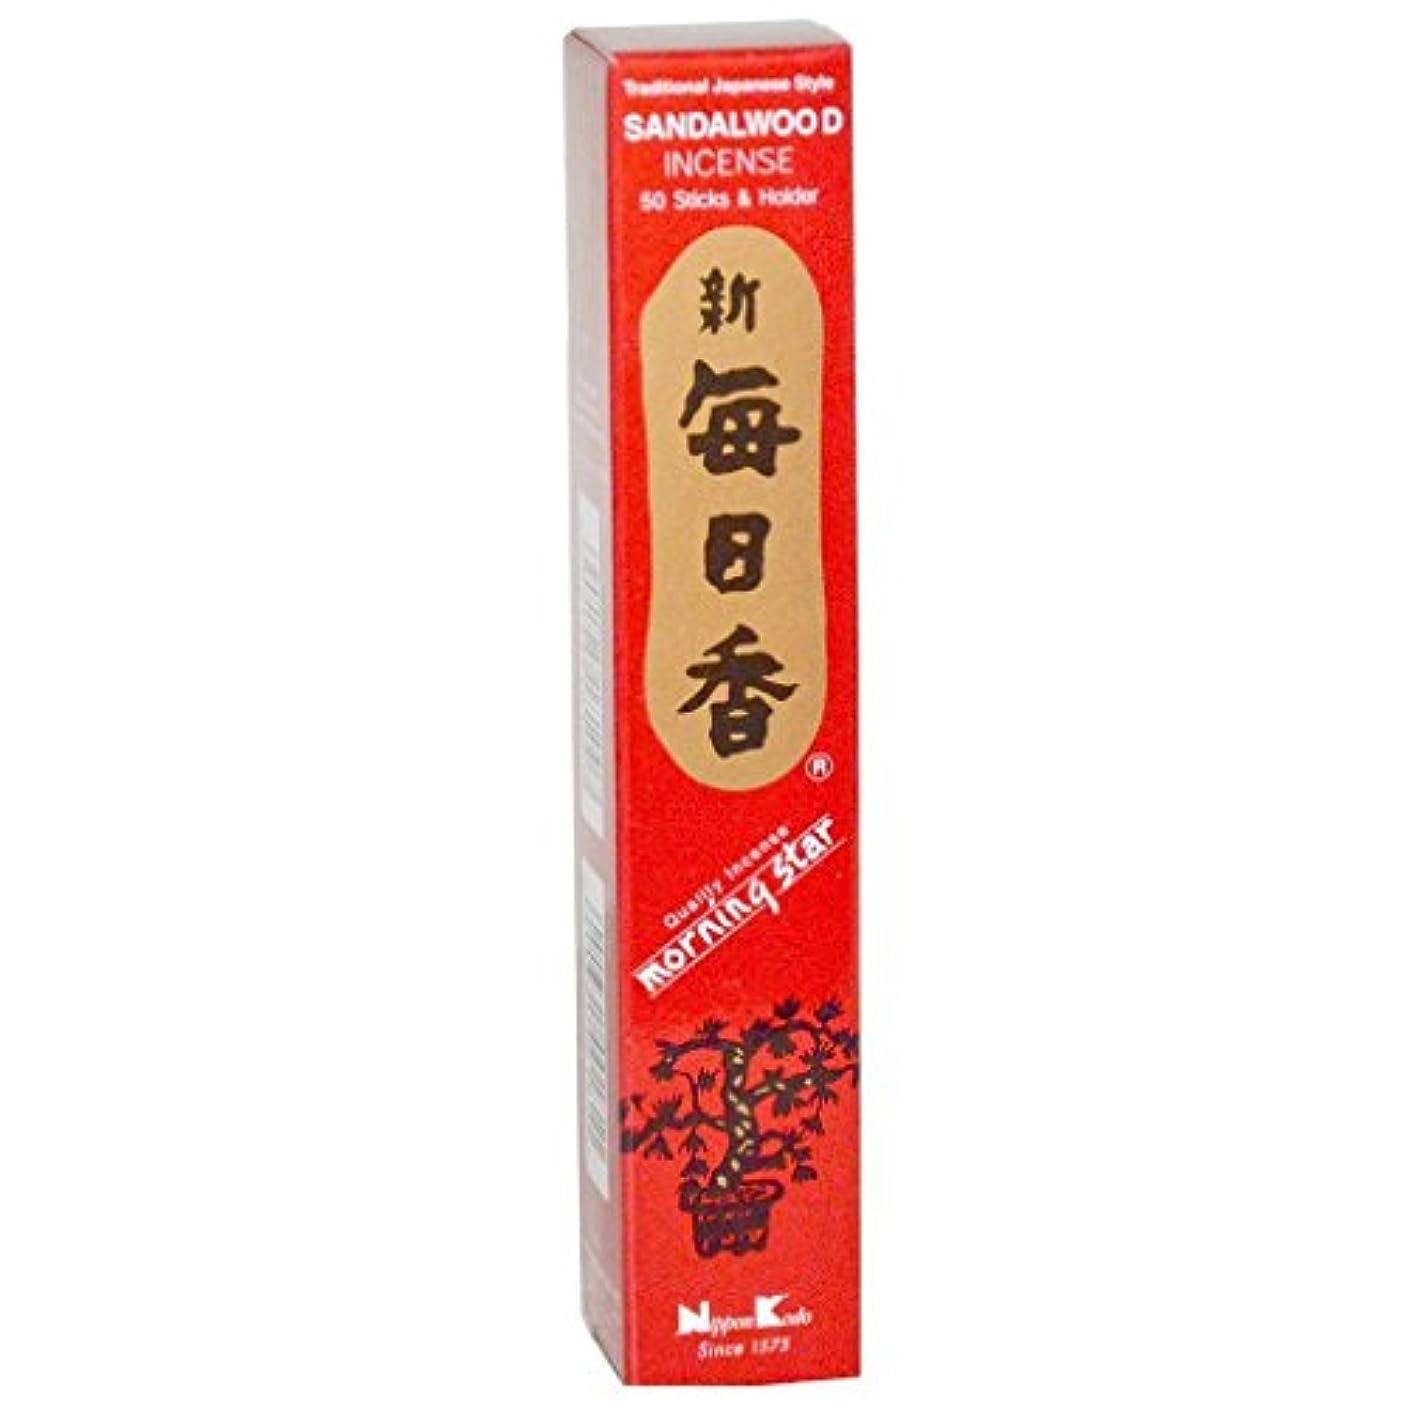 フラフープ恐れるばかSandalwood Morning Star Quality Japanese Incense by Nippon Kodo - 50 Sticks + Holder